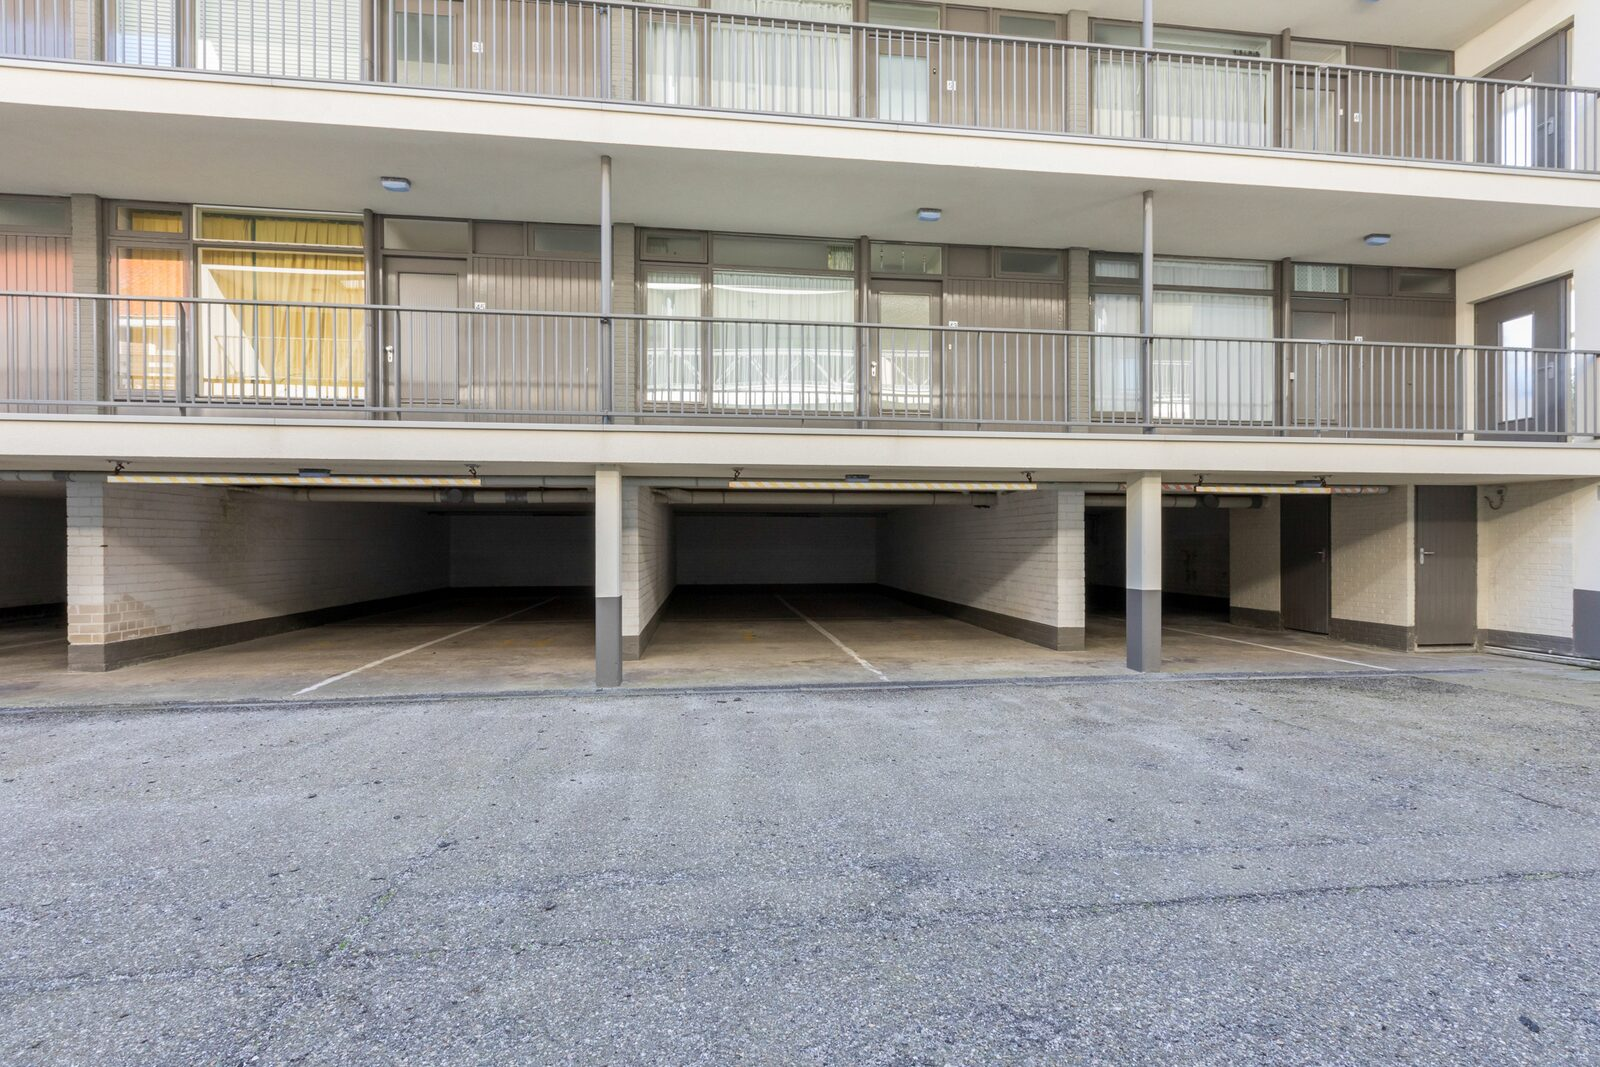 Appartement - Duinstraatje 51 | Zoutelande